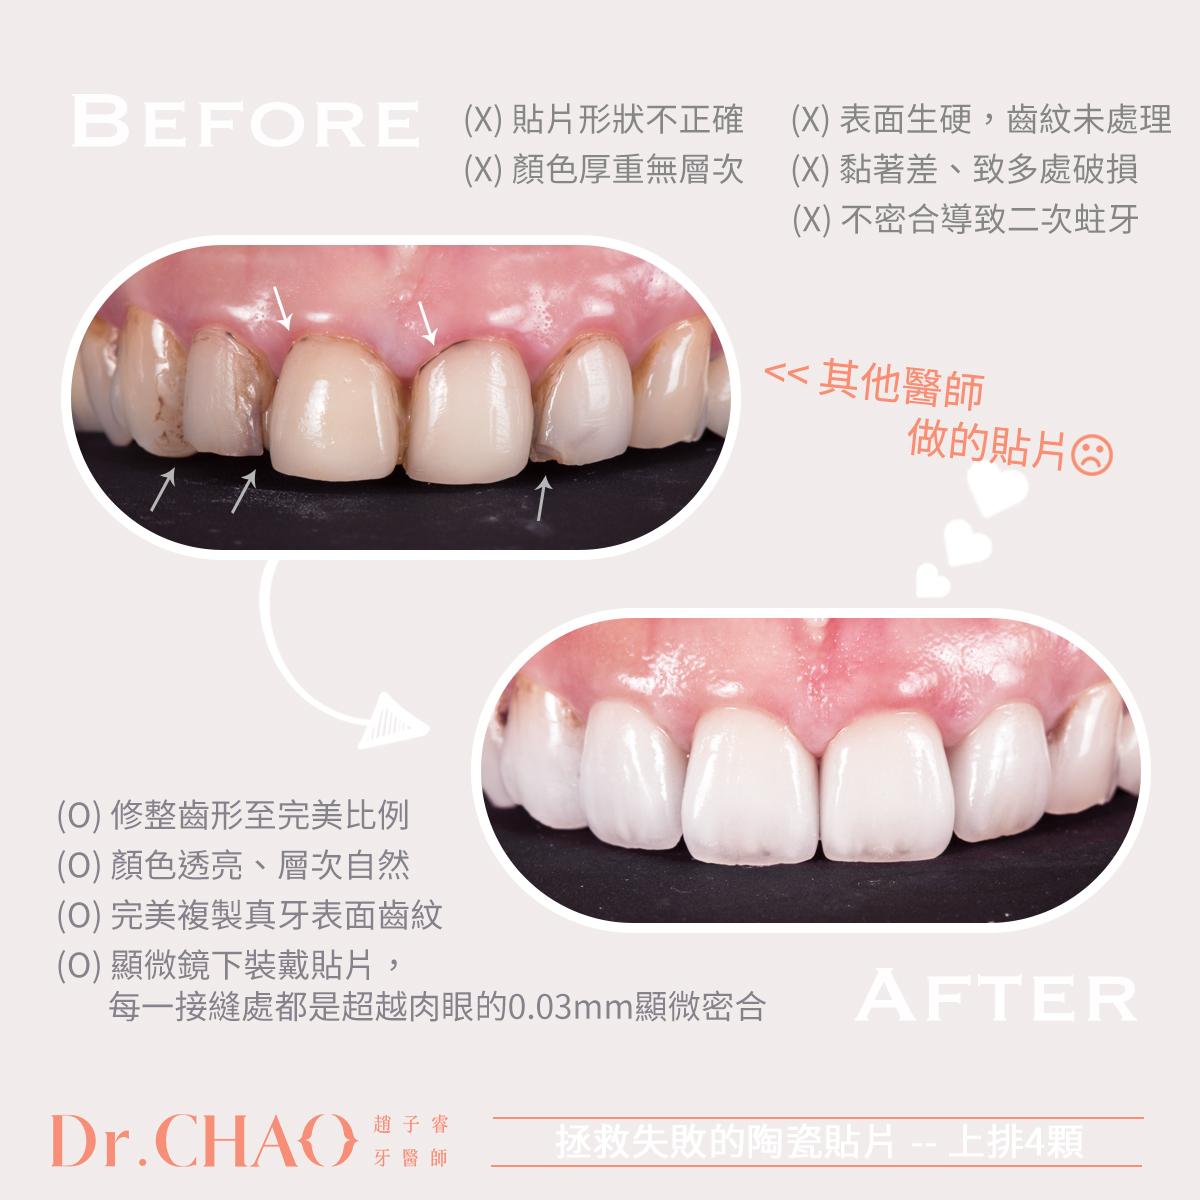 趙子睿醫師,拯救失敗的陶瓷貼片!利用上排4顆陶瓷貼片,幫病人改善舊貼片泛黃破損、二次蛀牙、顏色不佳等問題,讓牙齒自然透亮有層次如天生美齒,同時修整並加長牙齒形狀至完美比例。